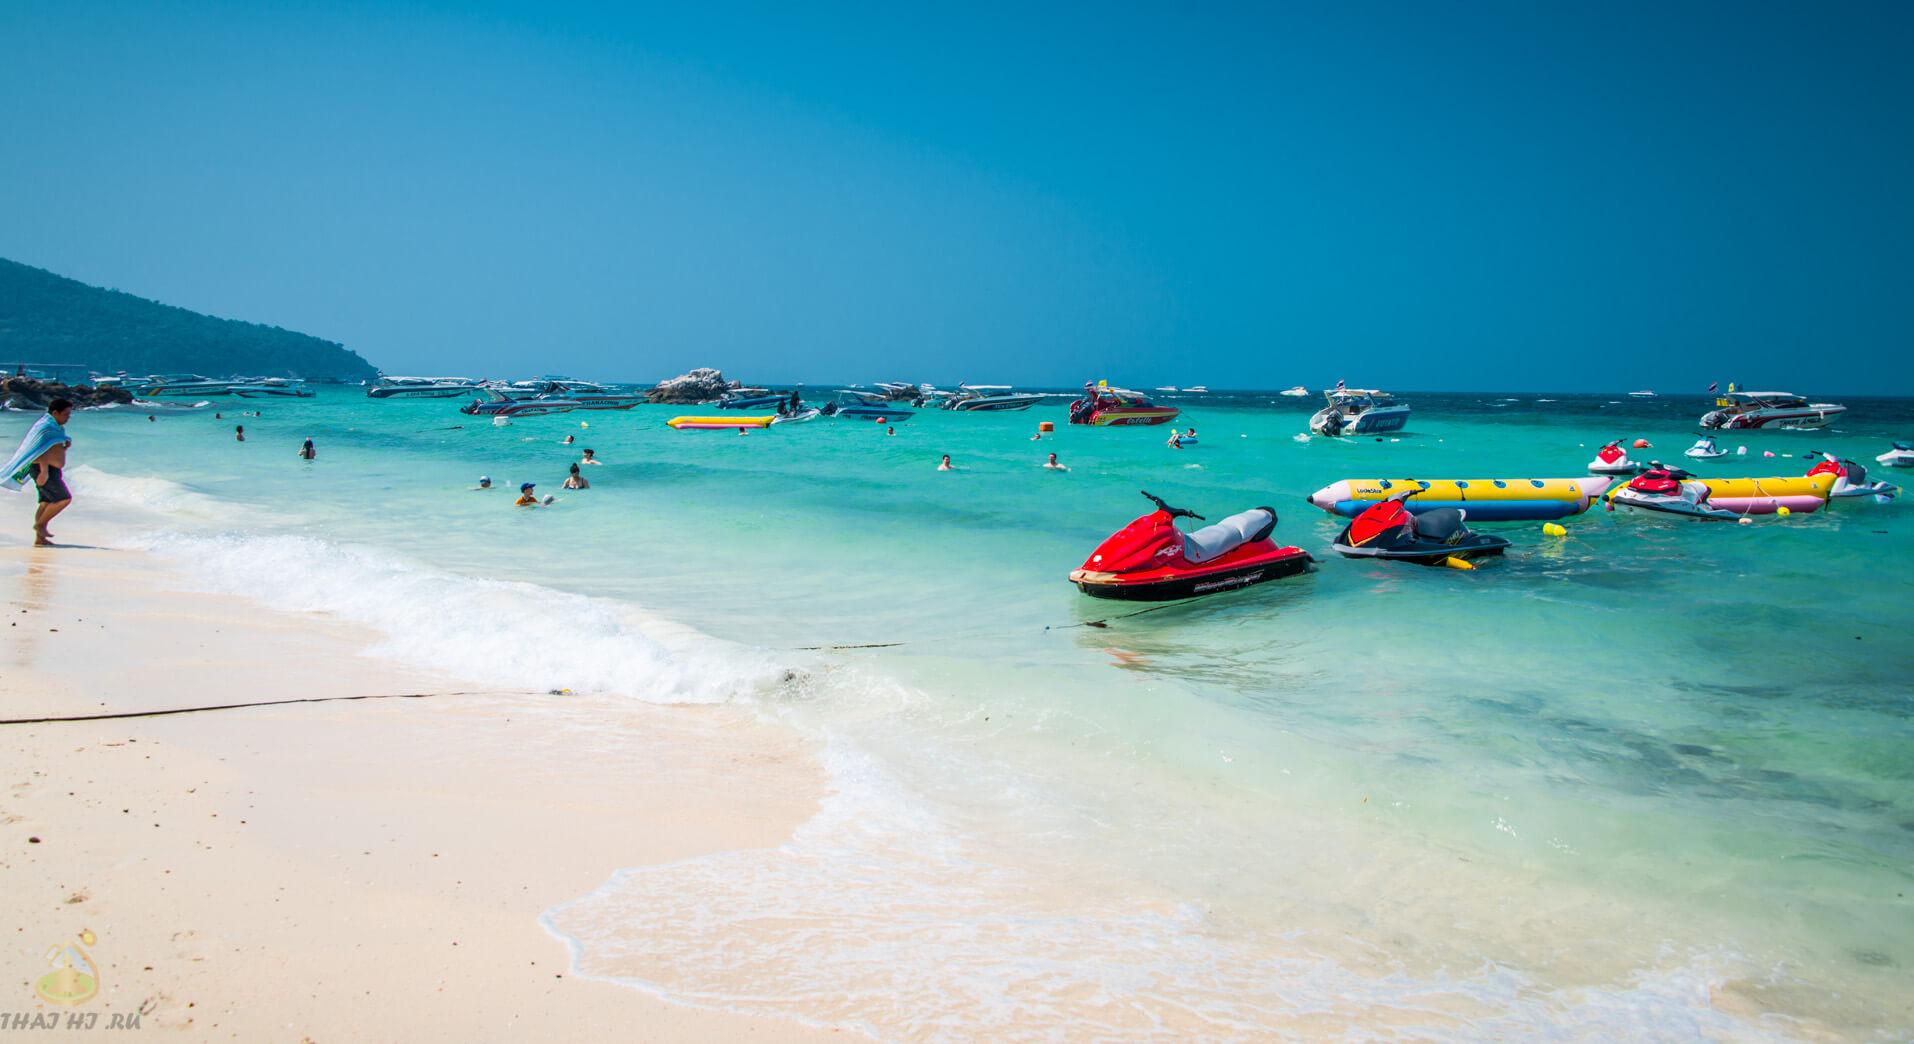 Пляж Tonglang Beach на Ко Лане - фото